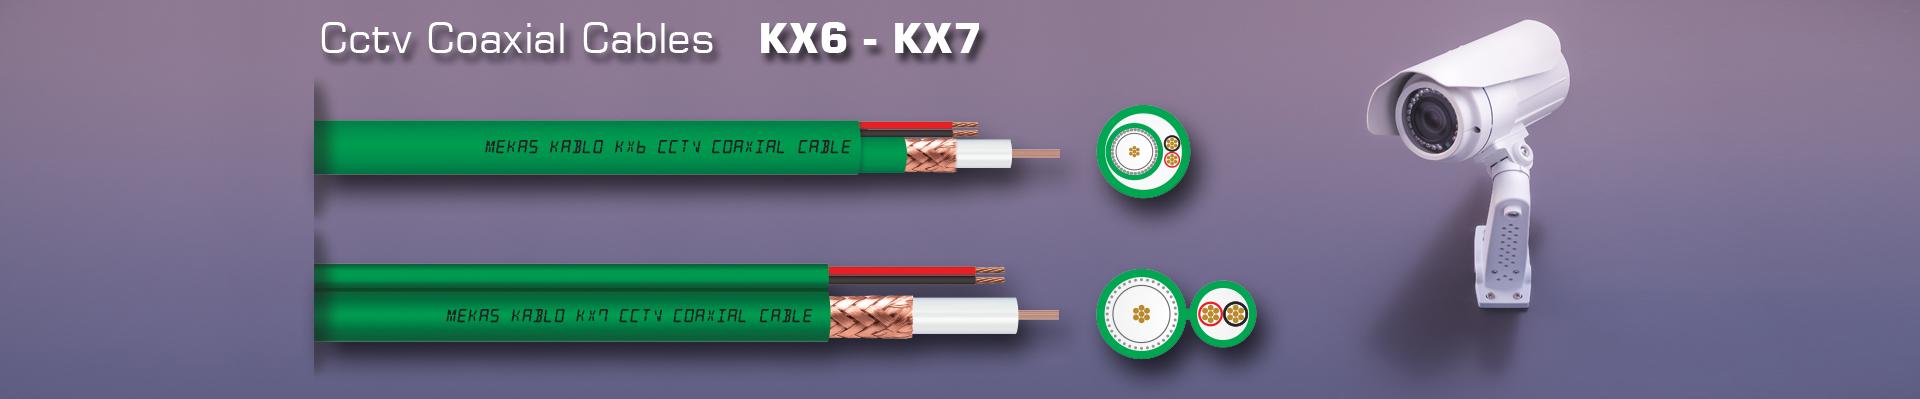 kx6-kx7 cables